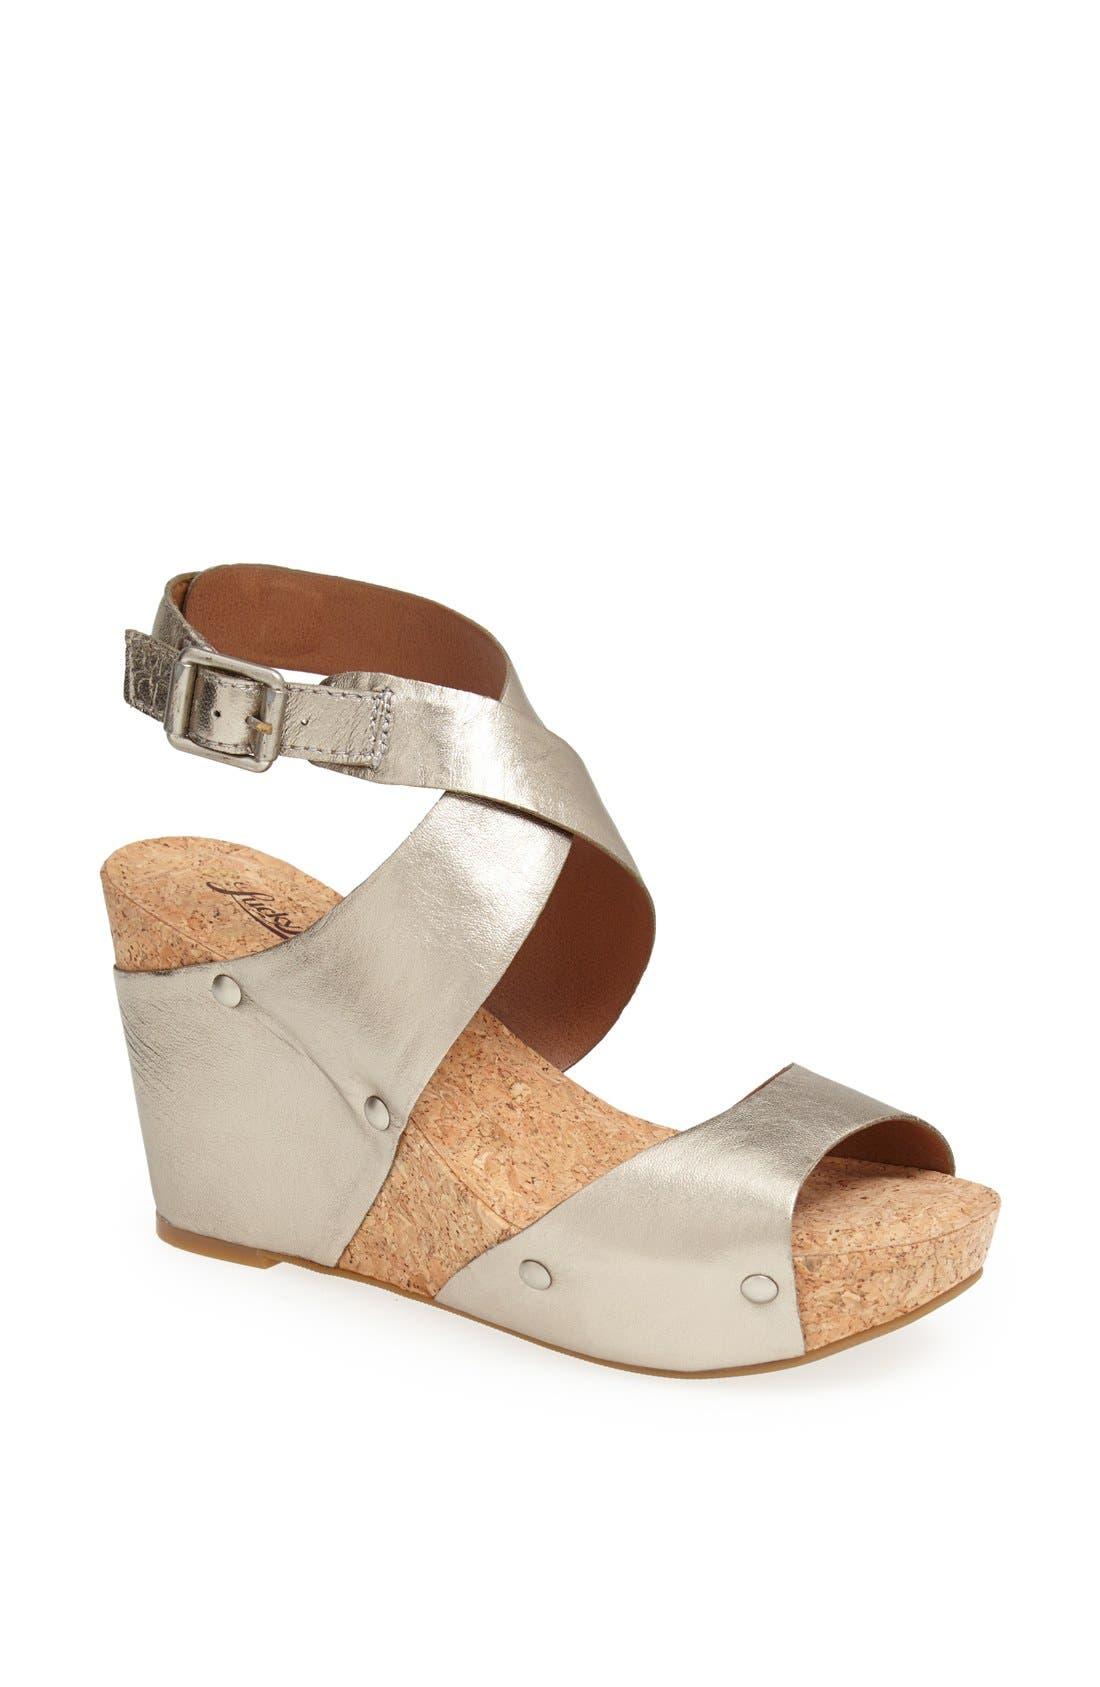 Alternate Image 1 Selected - Lucky Brand 'Moran' Sandal